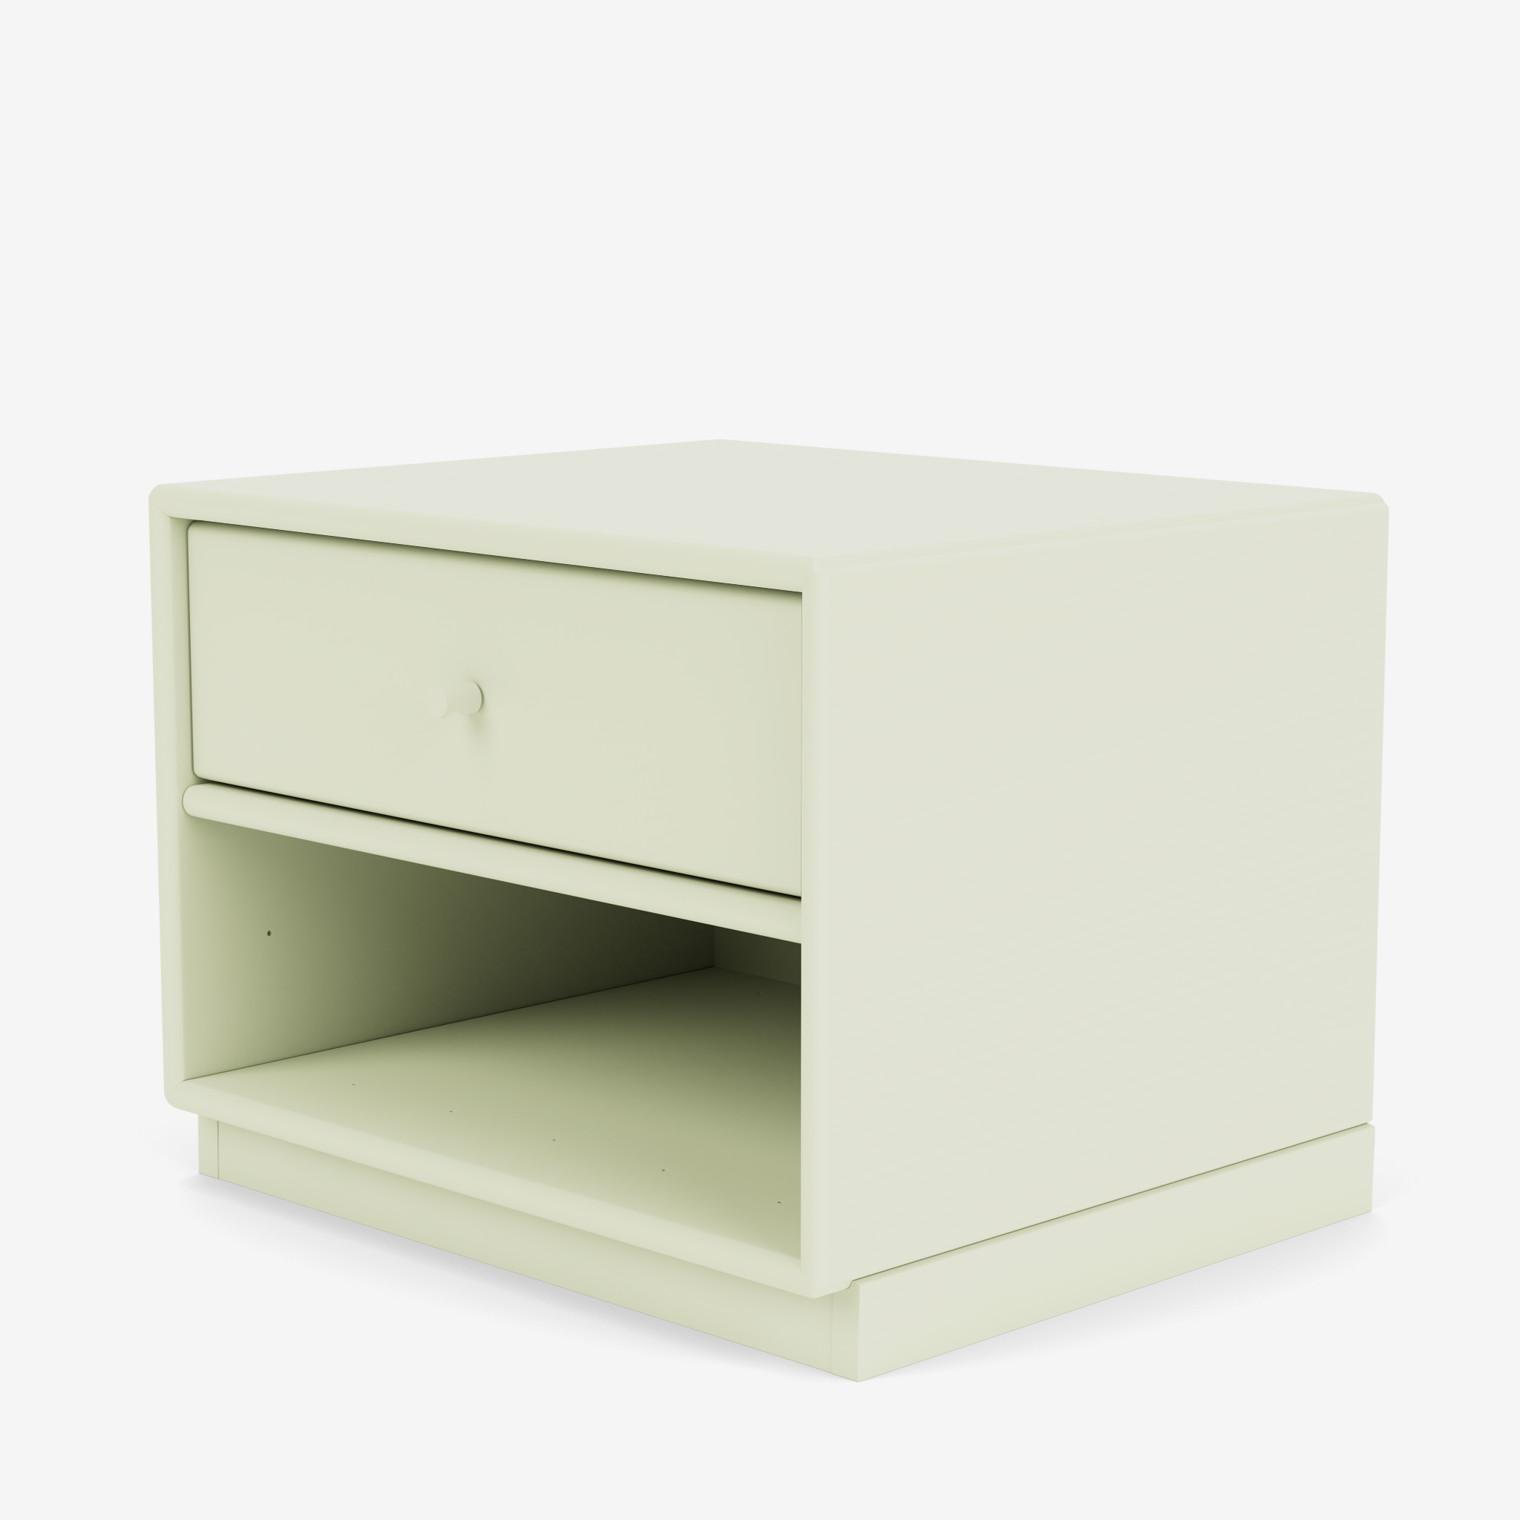 DASH nightstand